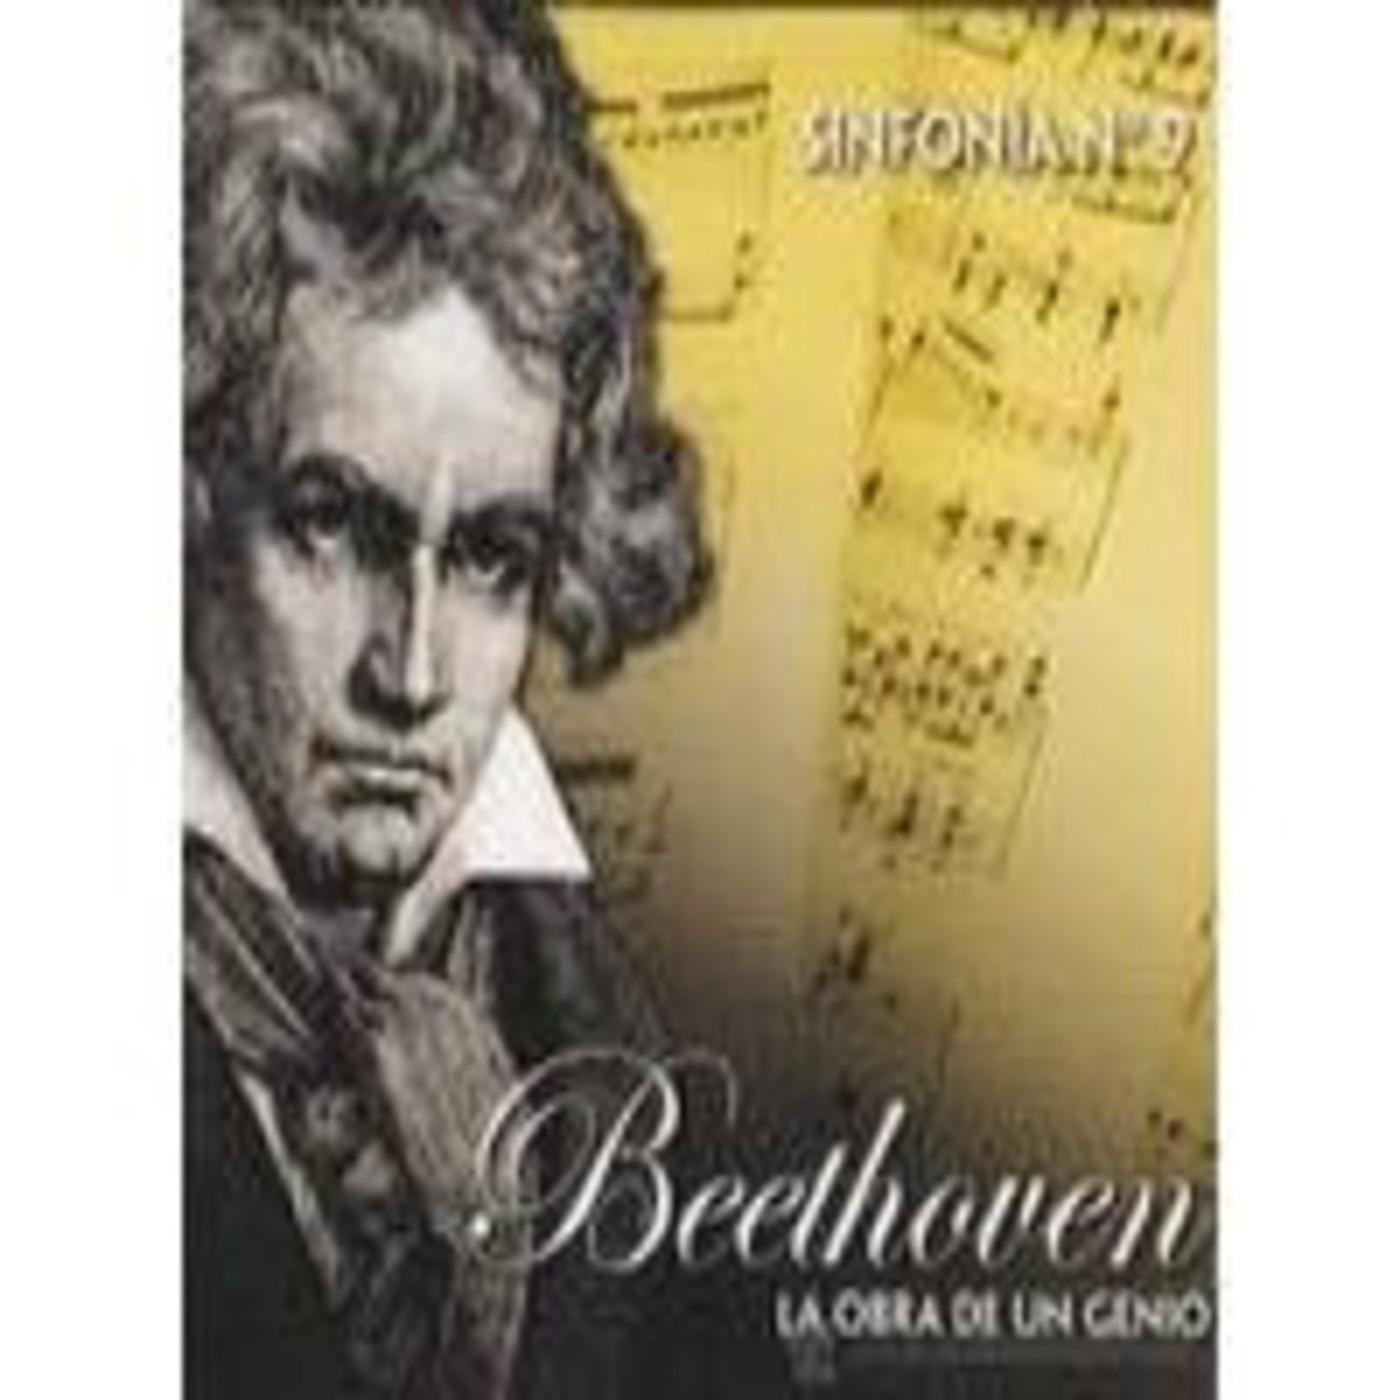 Beethoven Las 9 Sinfonías Completas Herbert Von Karajan 9de9 En Música Clásica Para La Relajación Y La Meditación En Mp3 11 12 A Las 17 50 28 01 07 03 936499 Ivoox